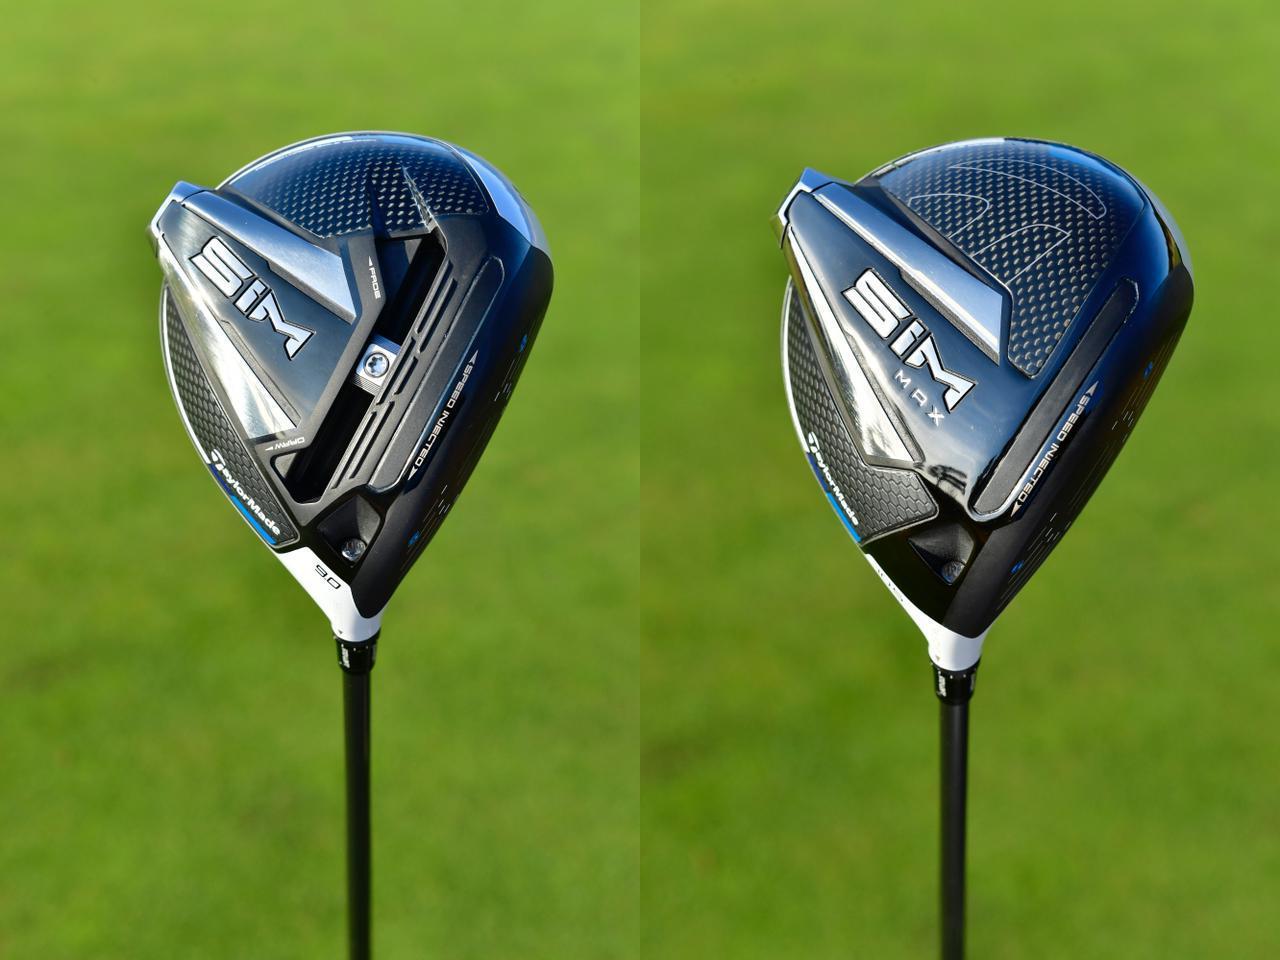 画像: SIM(左)、SIM MAX(右)ともに、クラブのロゴが入ったイナーシャジェネレーターは実際に空気抵抗を受ける方向=斜めに配されている